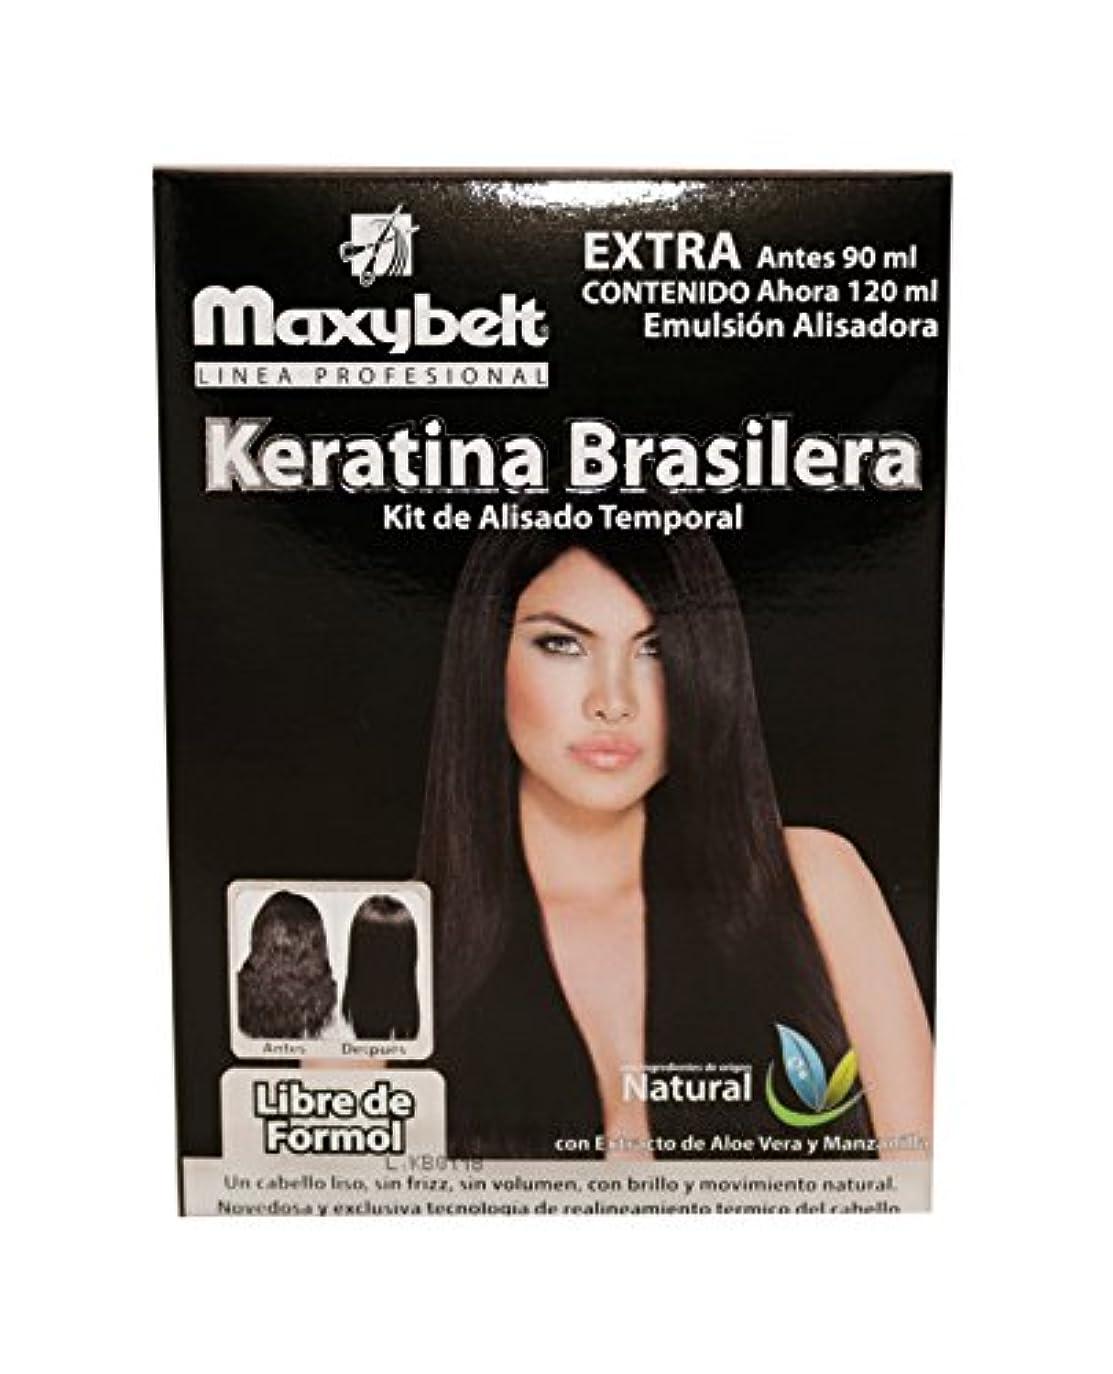 ポット息切れ贈り物maxybelt Kit Keratinブラジル - 120 ml